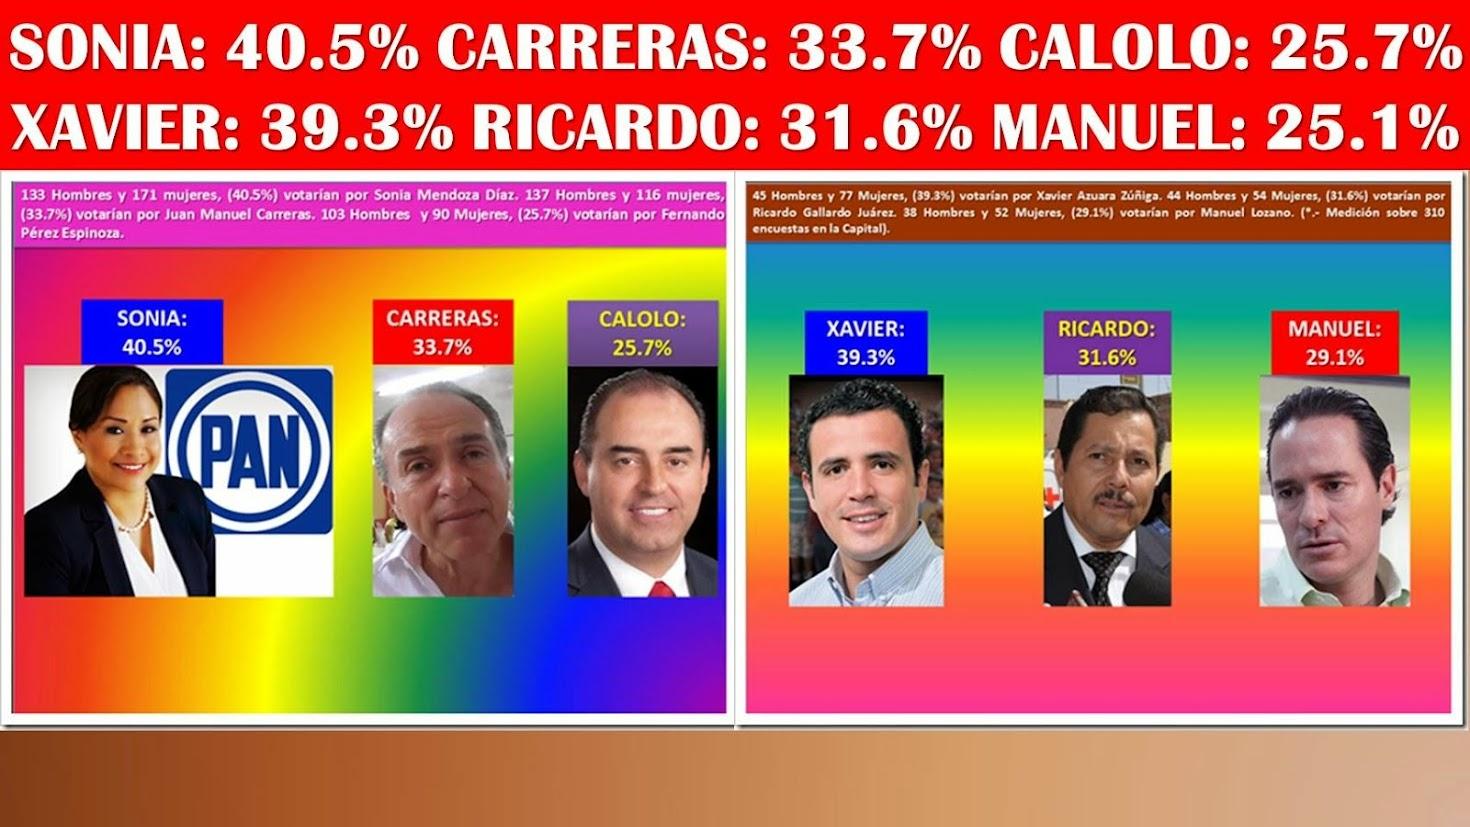 ASÍ VAN A 29 DÍAS DE LAS ELECCIONES, EL 7 DE JUNIO DEL AÑO 2015.